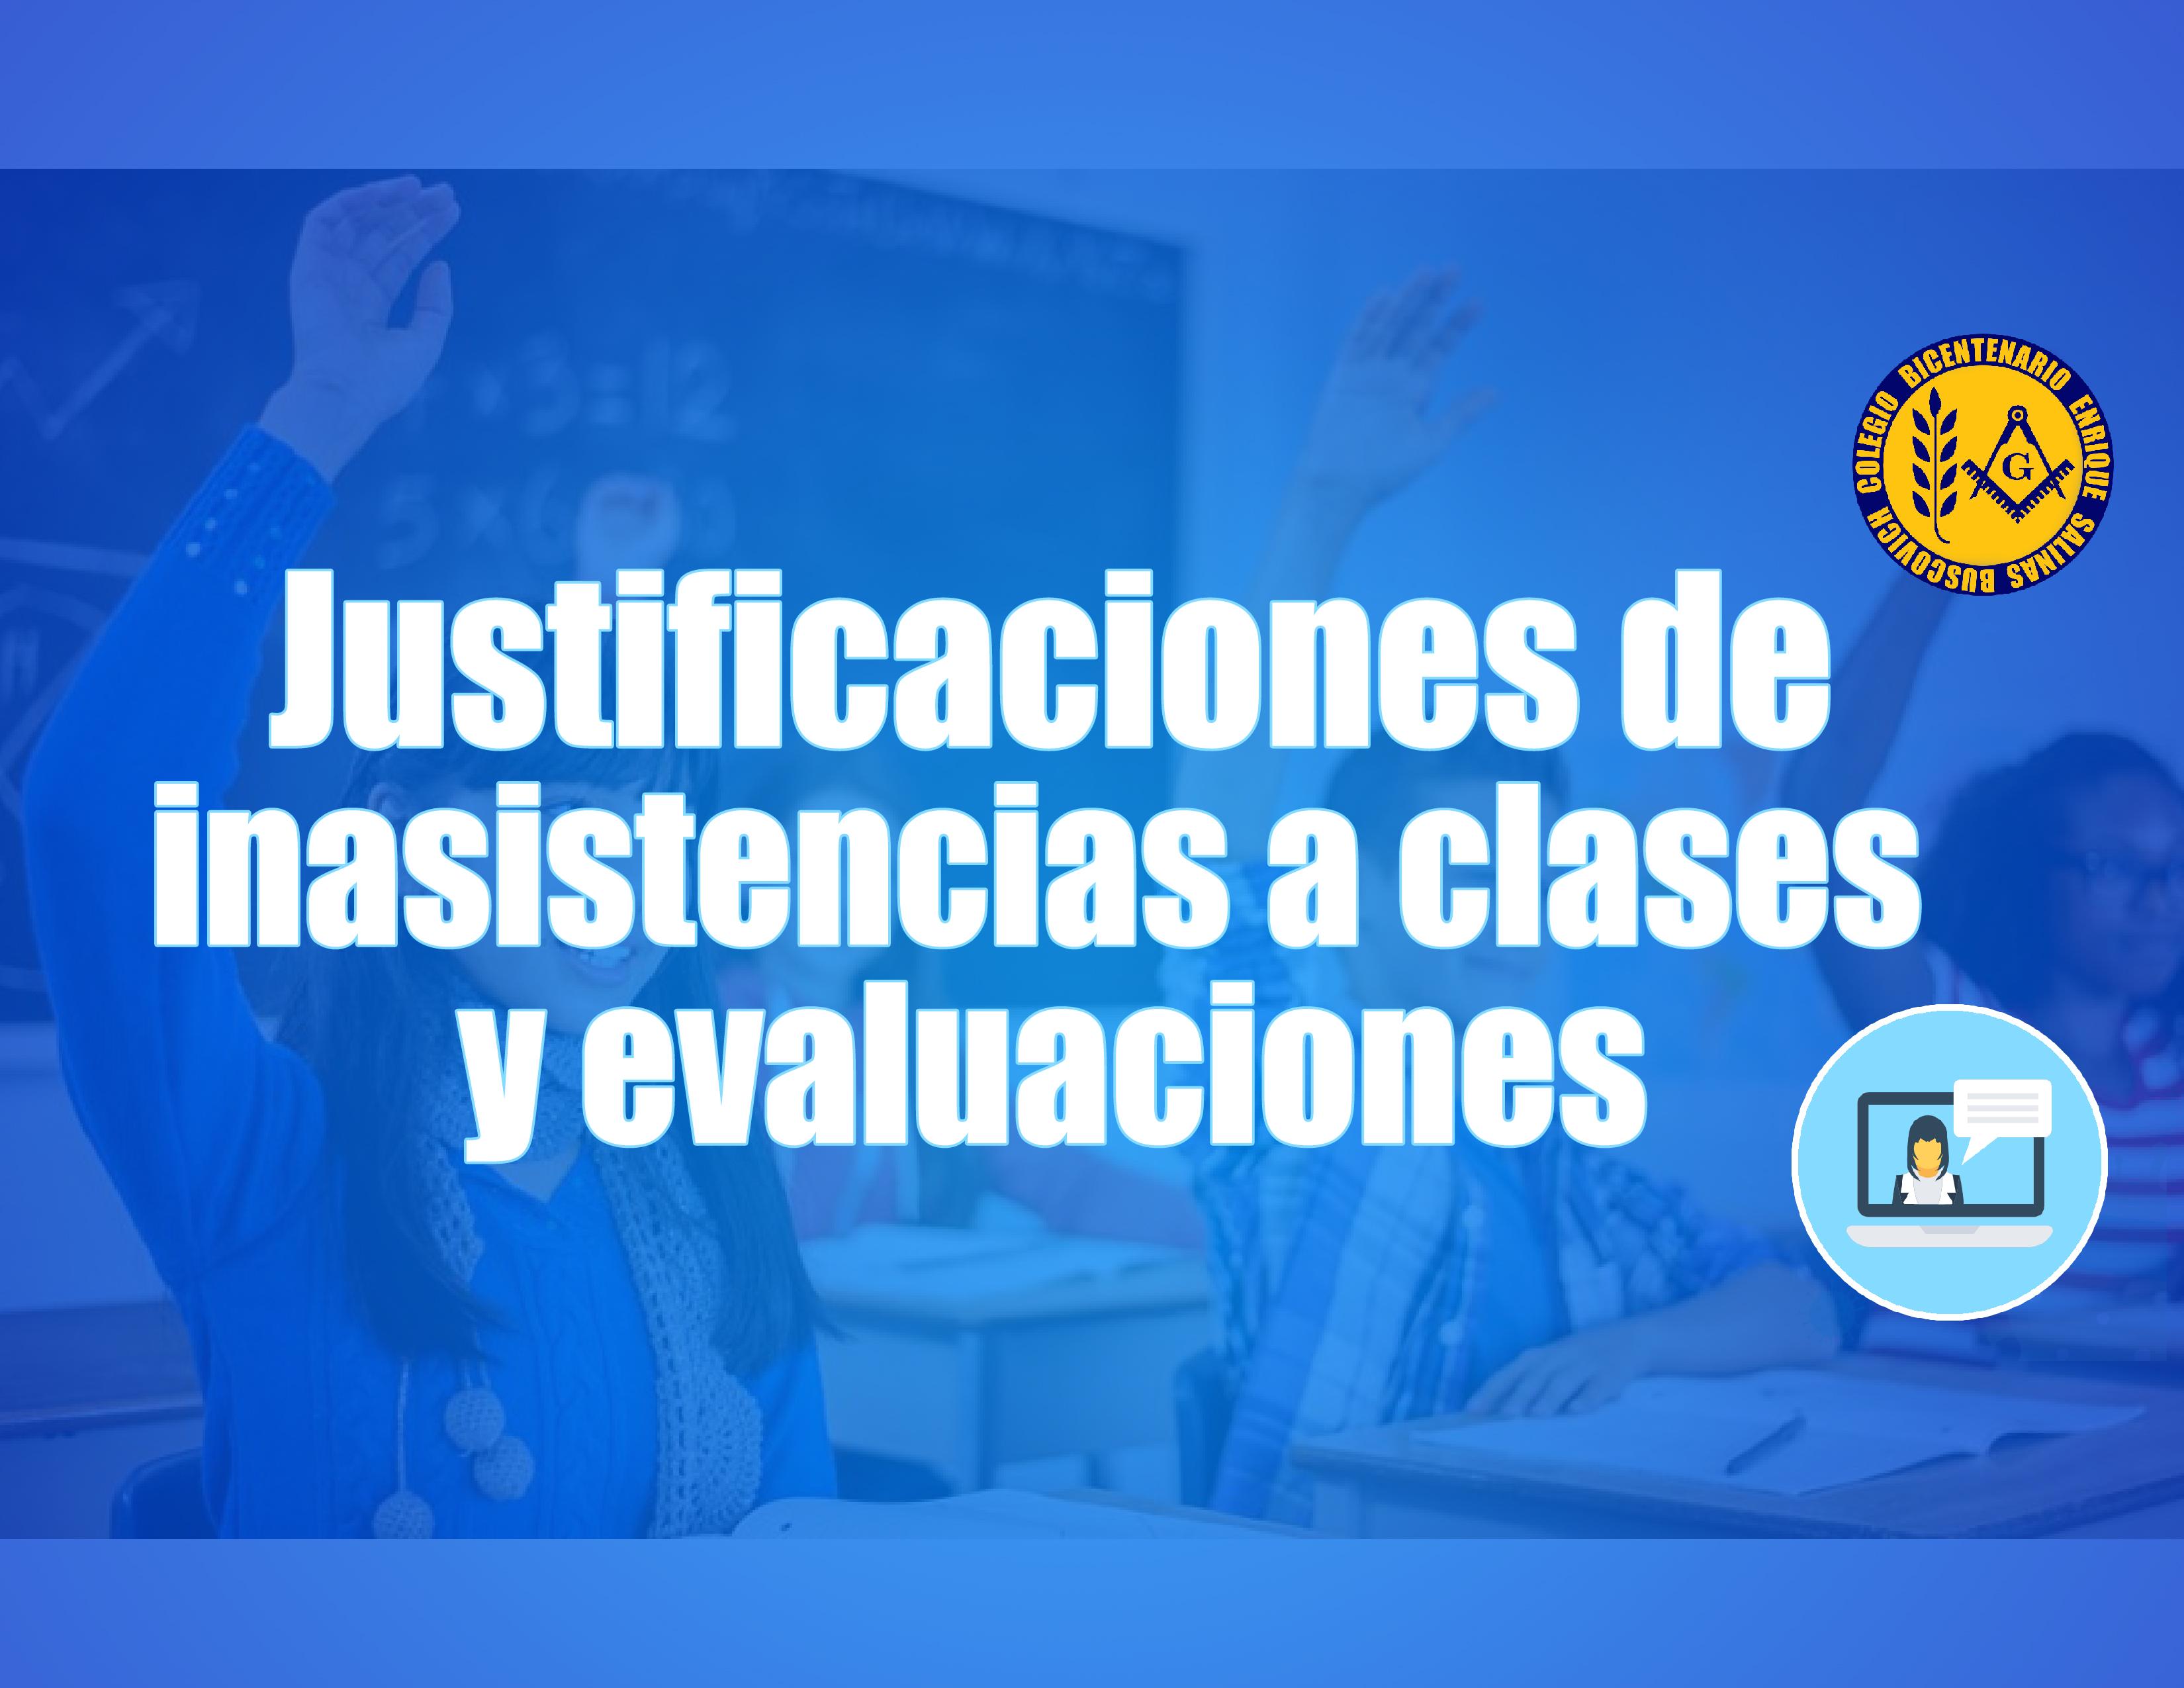 Justificaciones de inasistencias a clases y evaluaciones